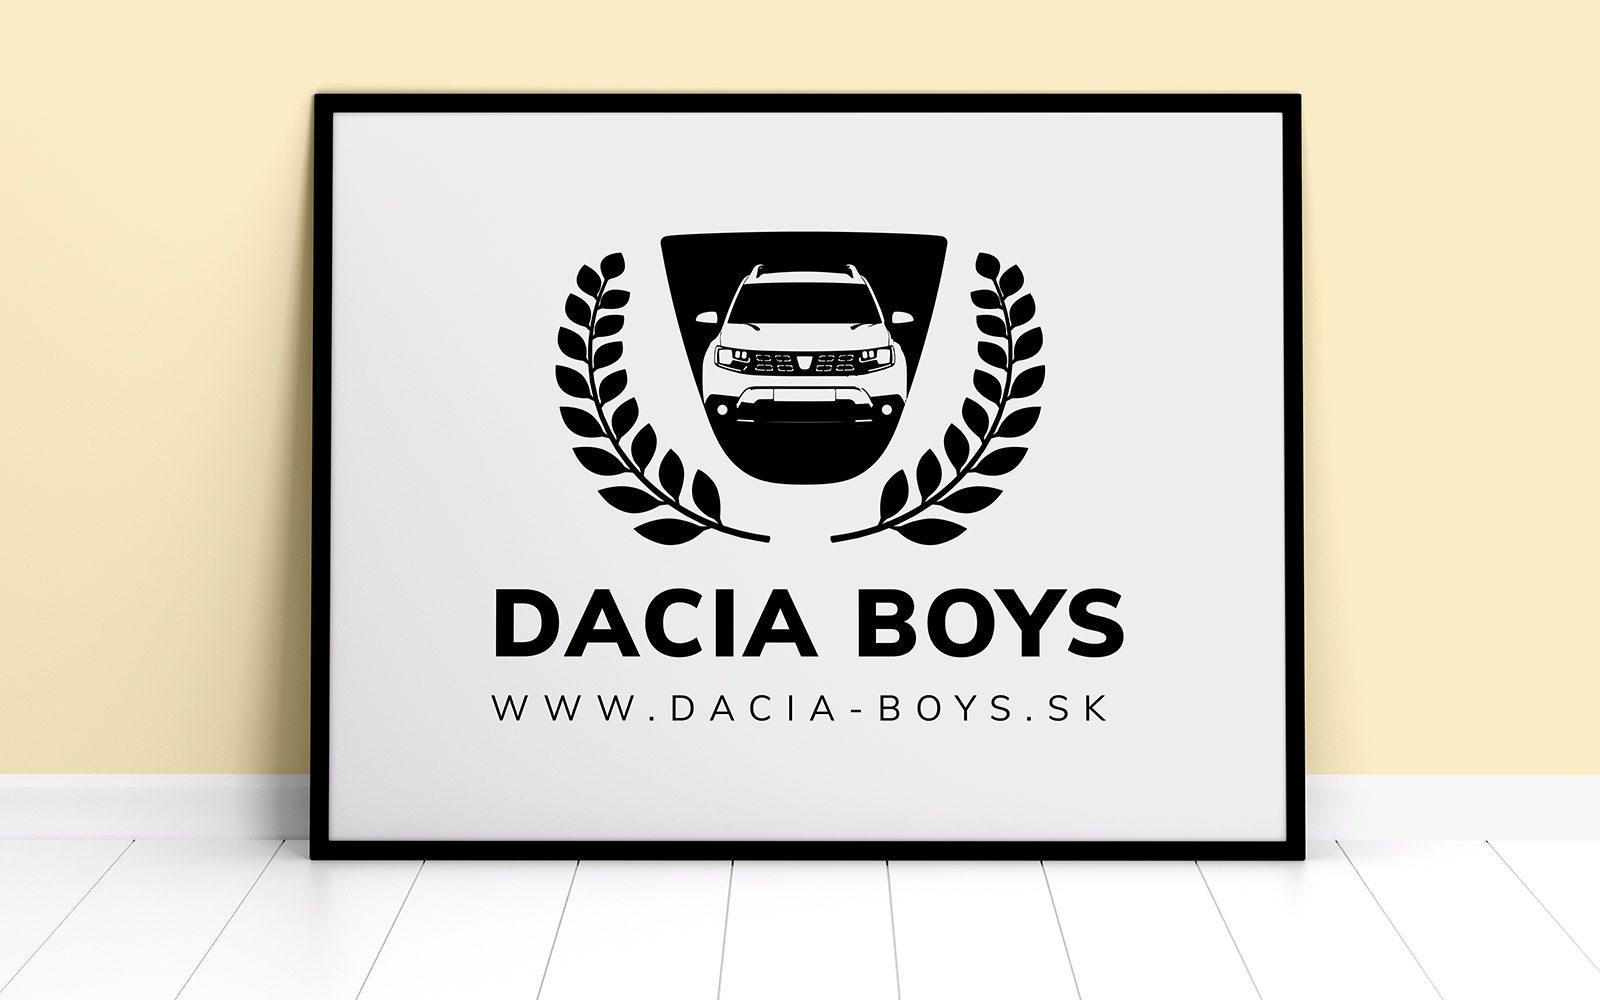 dacia-boys-logo-1